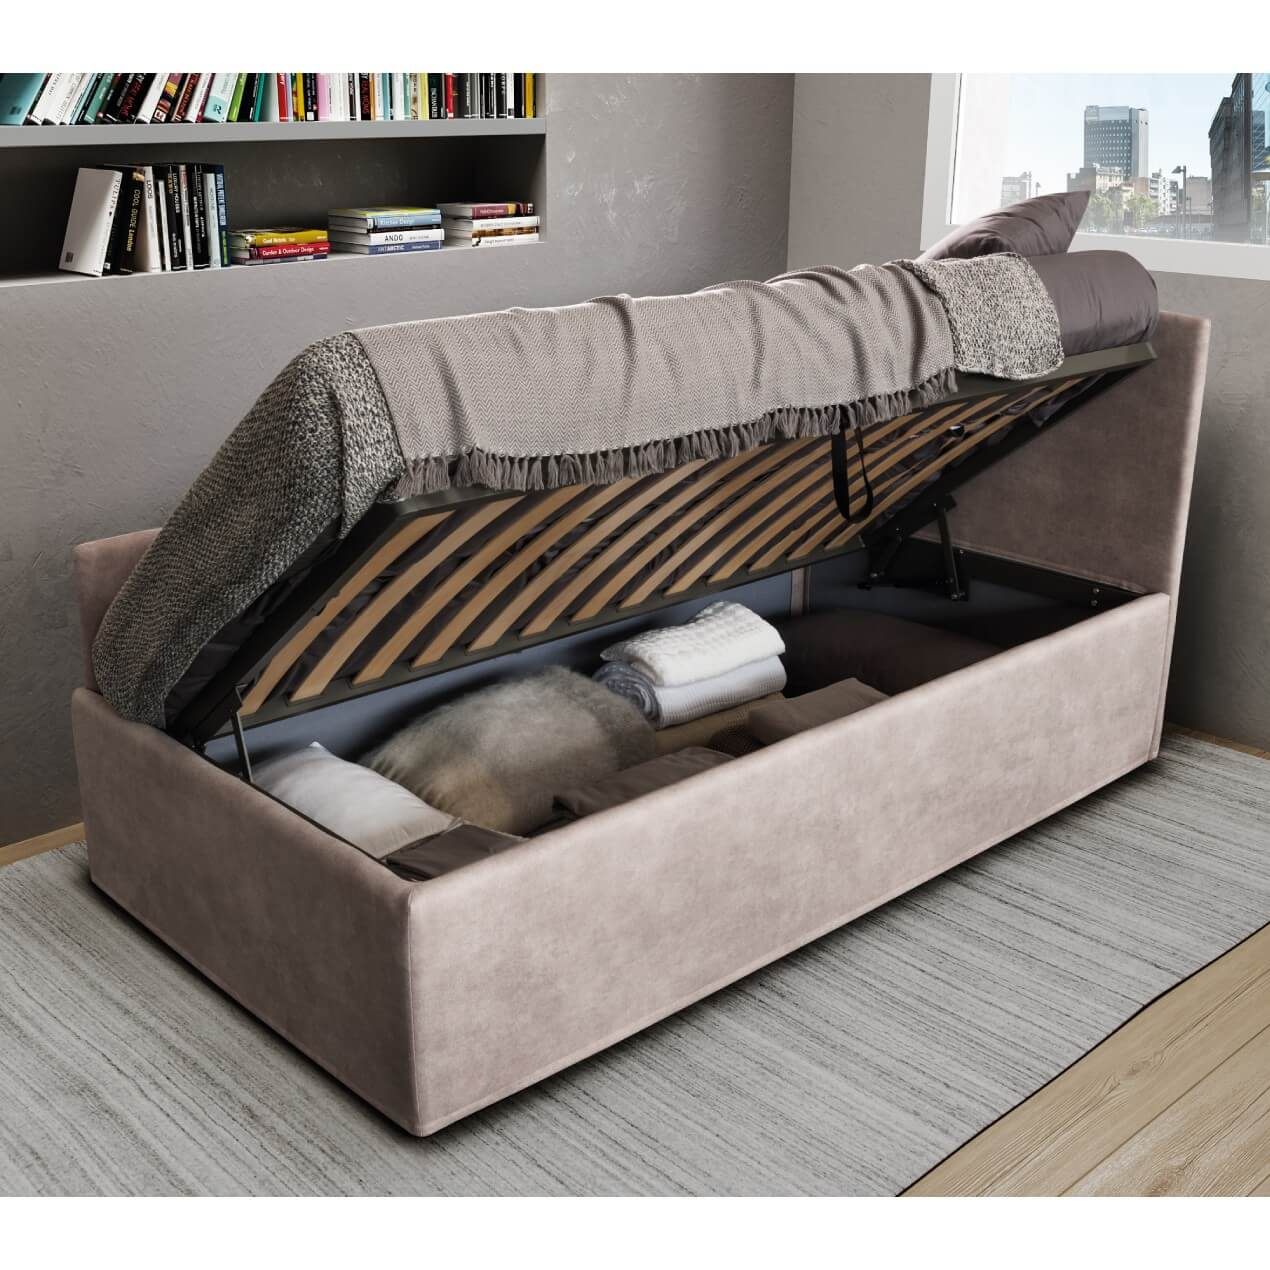 Divano letto con secondo letto estraibile o contenitore - Letto singolo imbottito con letto estraibile ...